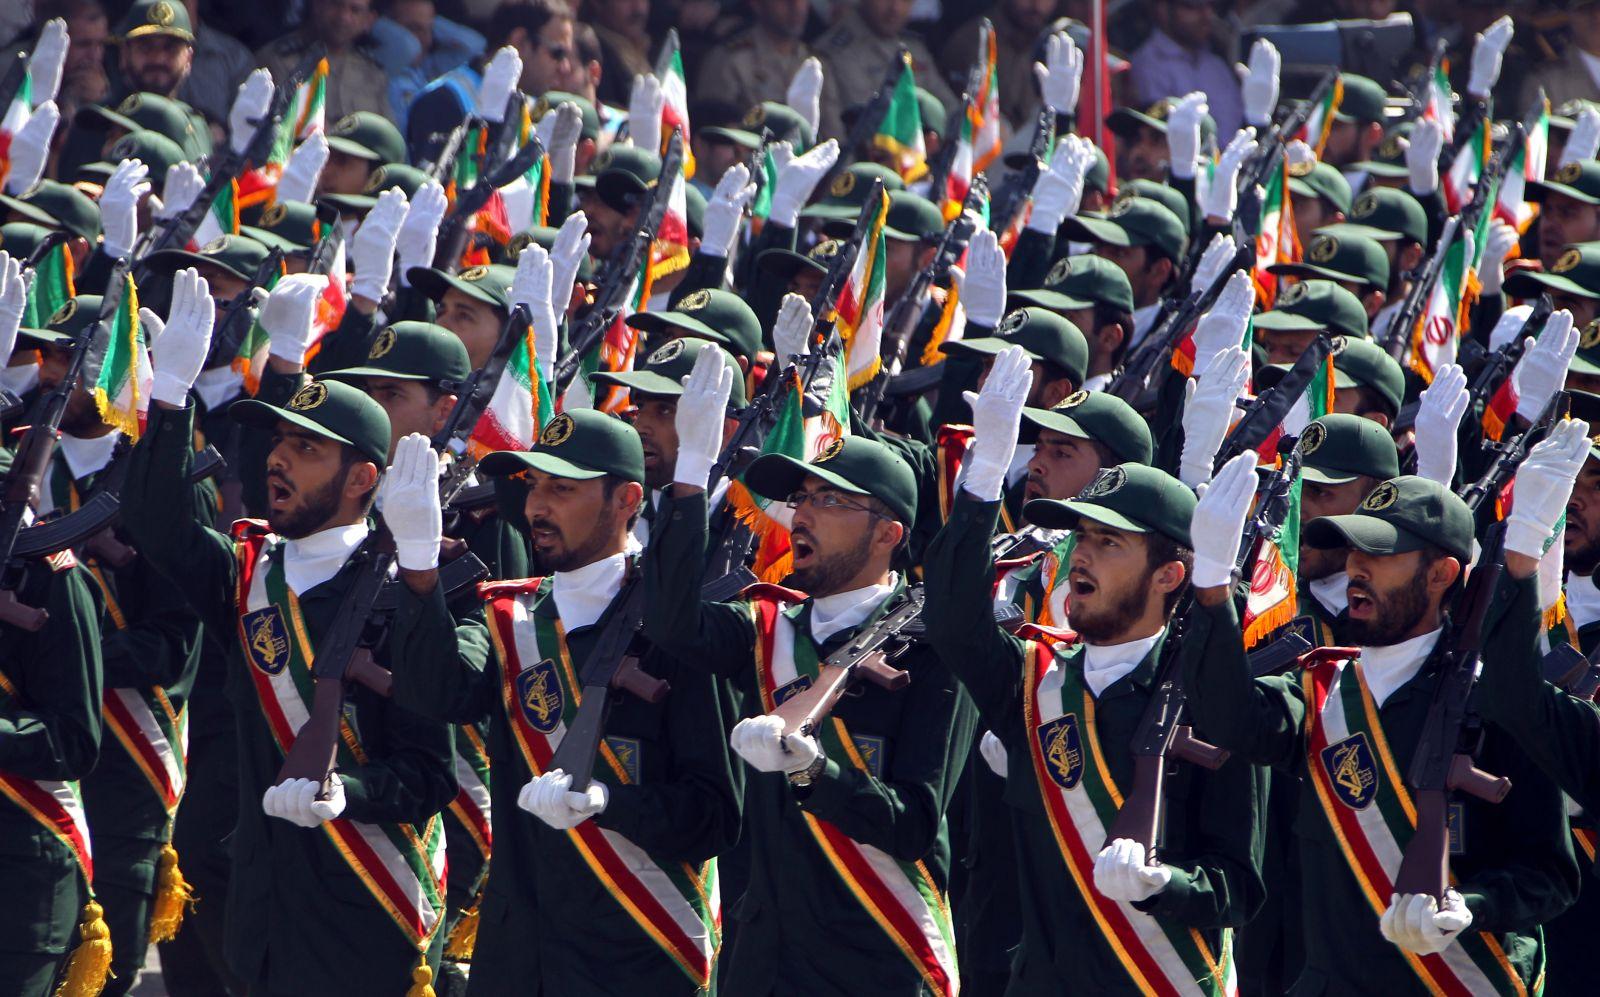 """الحرس الثوري الايراني : """"الاعداء"""" يسعون لقلب نظامنا الجمهوري"""